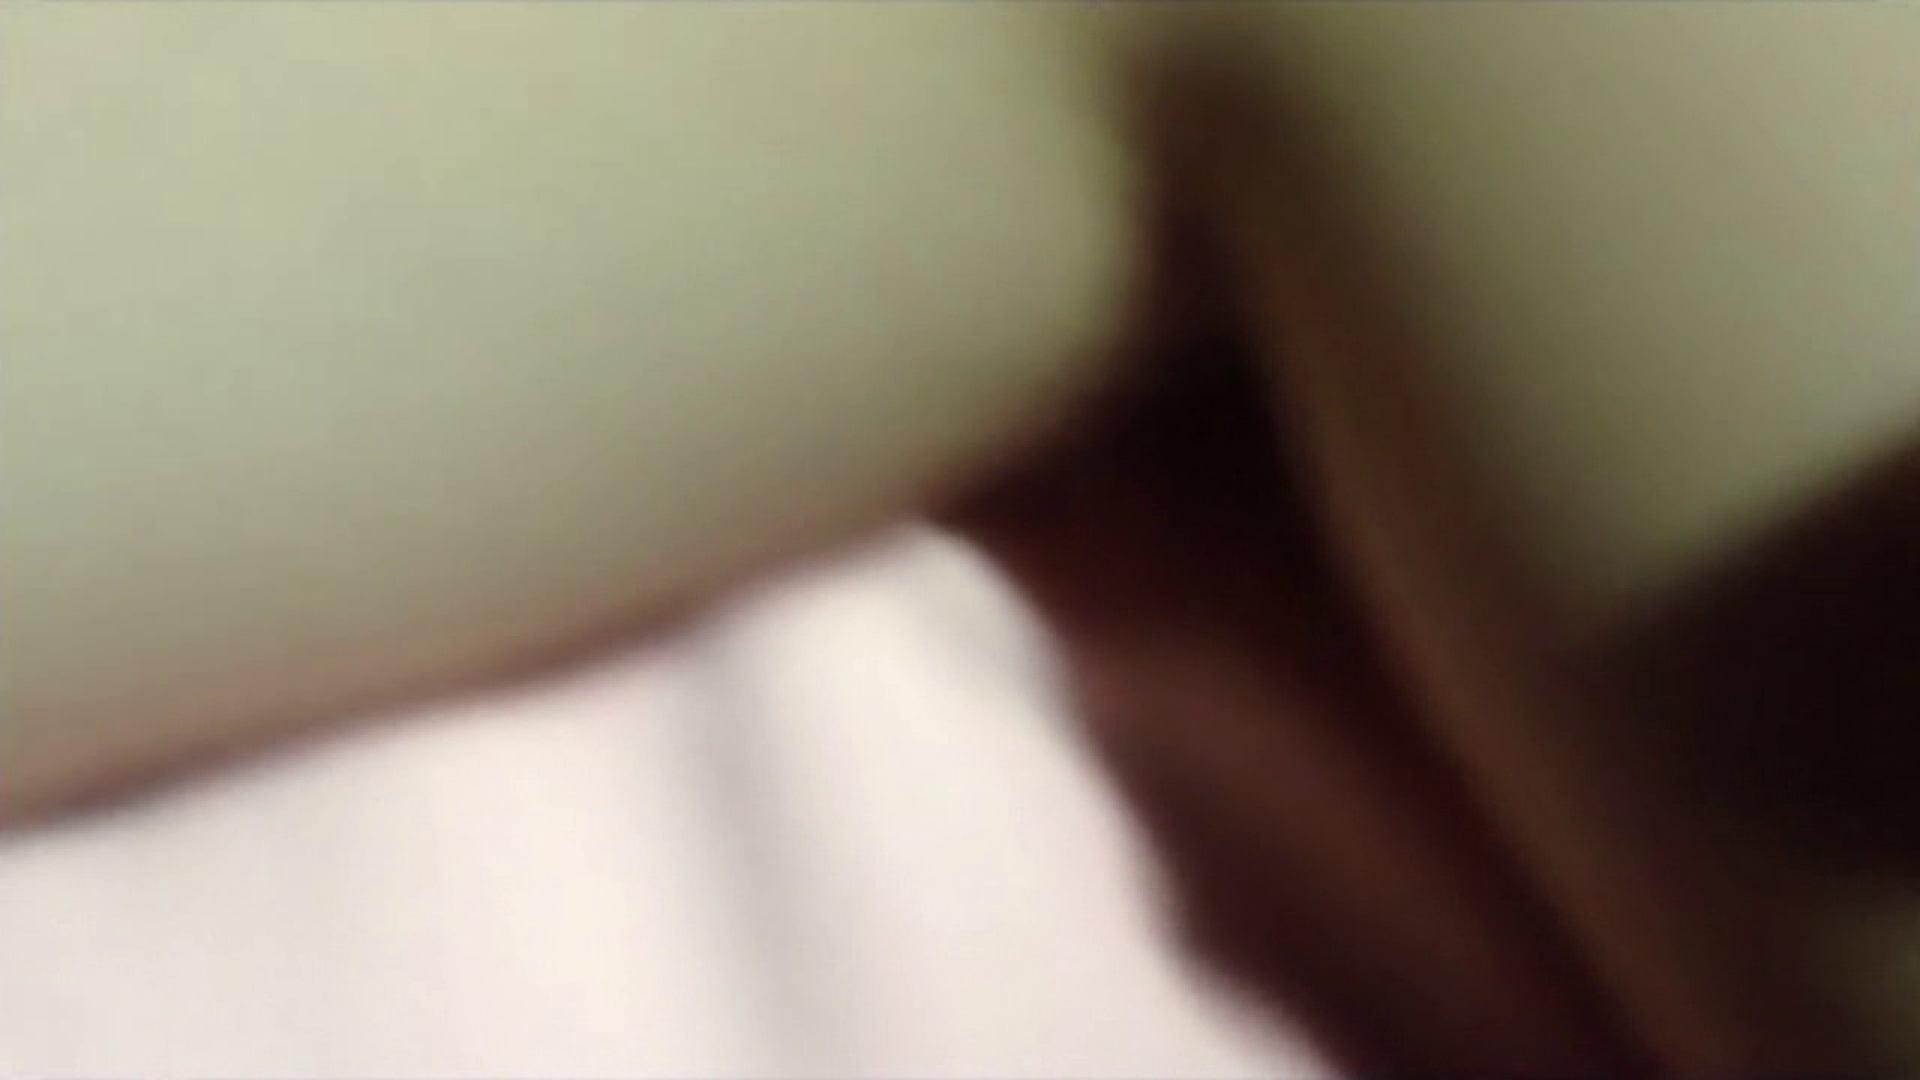 vol.16 【SNちゃん】某有名雑誌現役読者モデル お上品だけど天然 知人達のヌード   キャバ嬢達のヌード  94連発 4